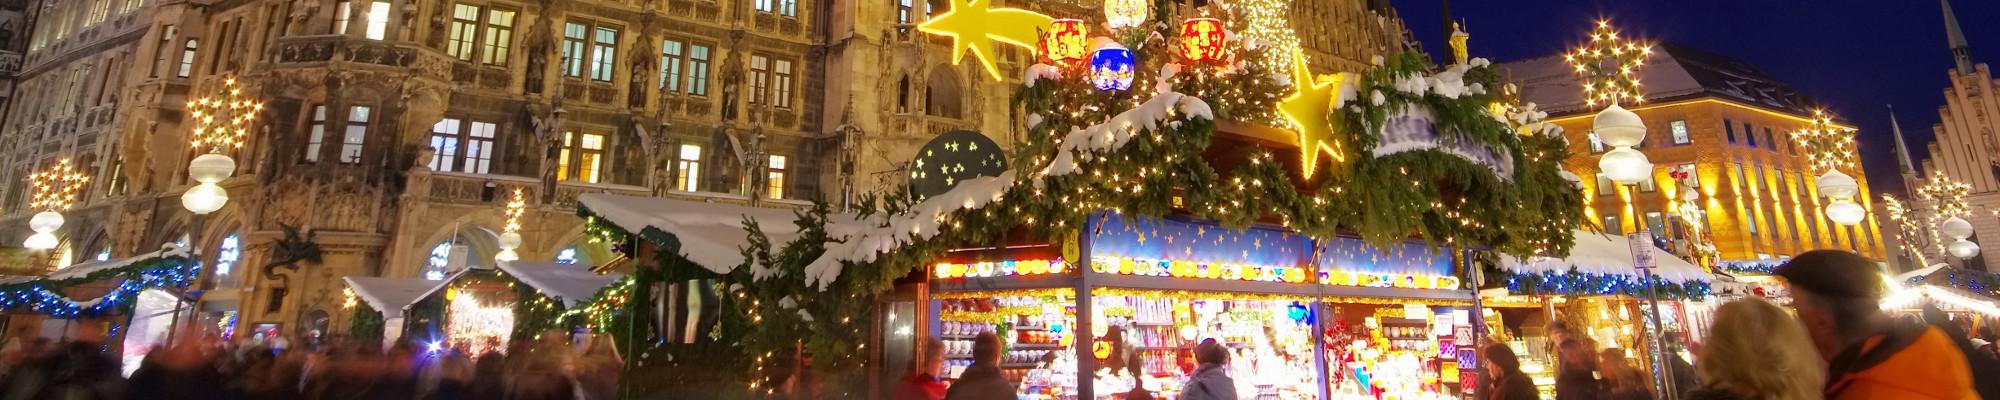 Weihnachtsfeier München